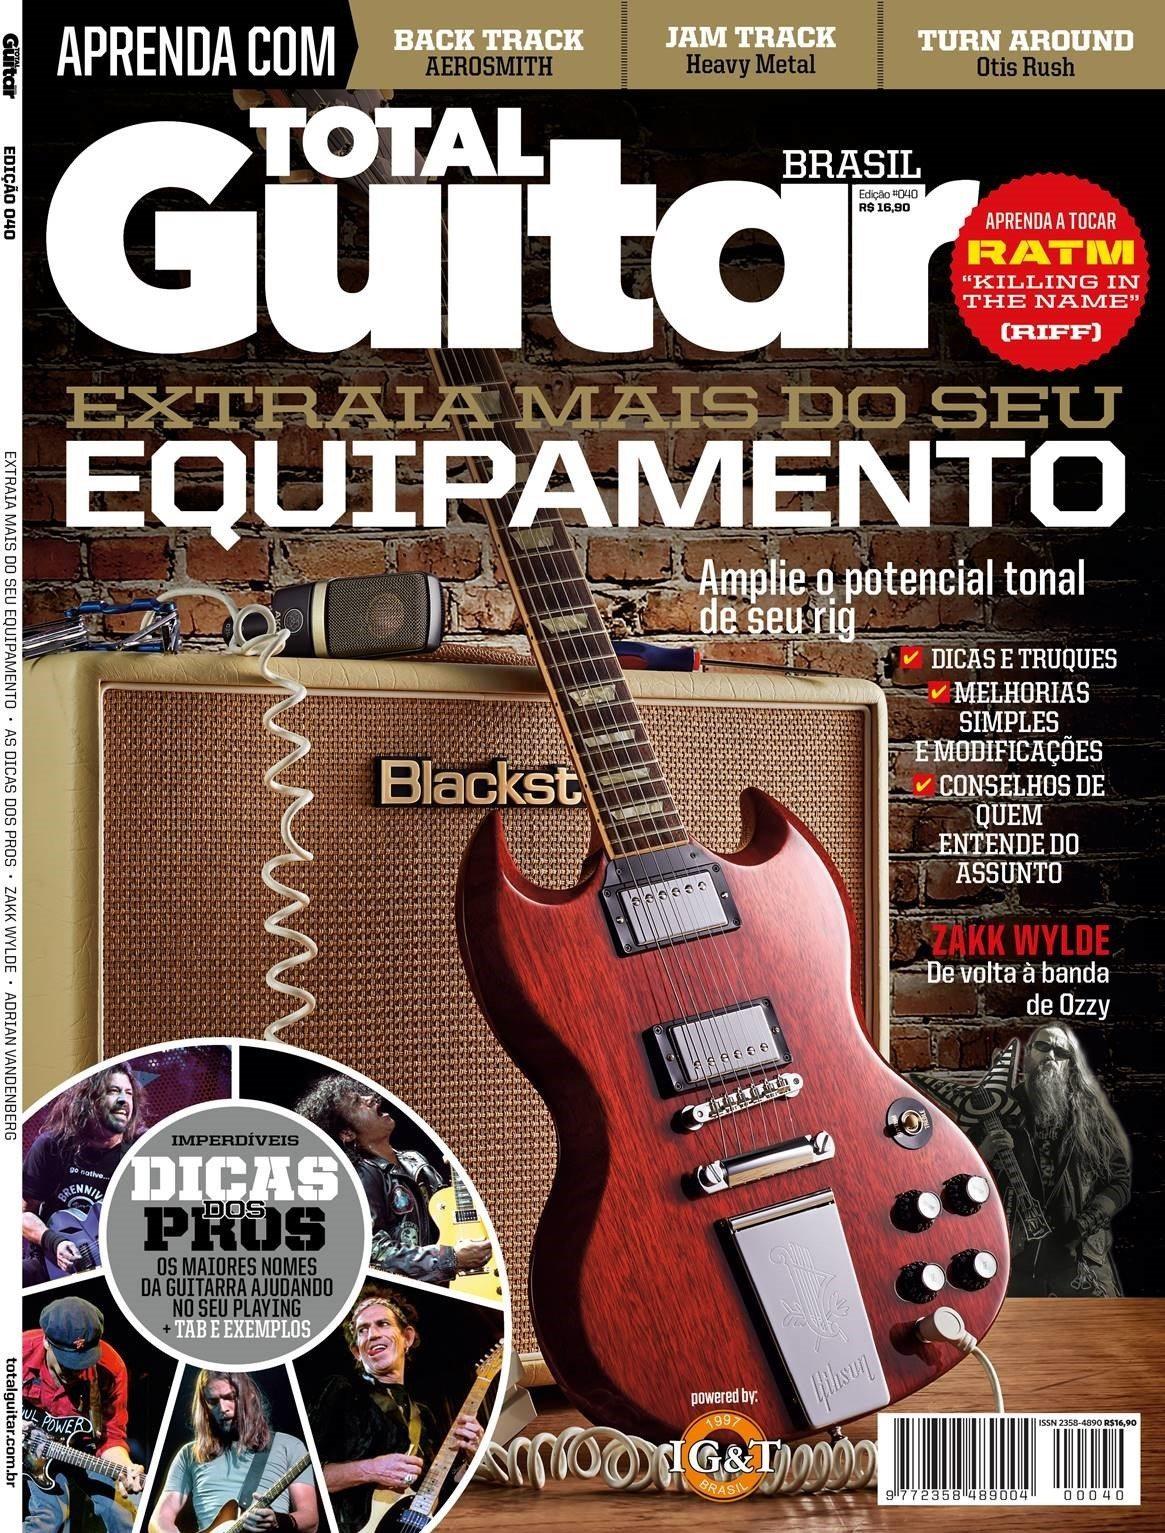 Revista Total Guitar Brasil #40 - Leve seu playing a um novo patamar com técnicas ímpares e dicas dos profissionais